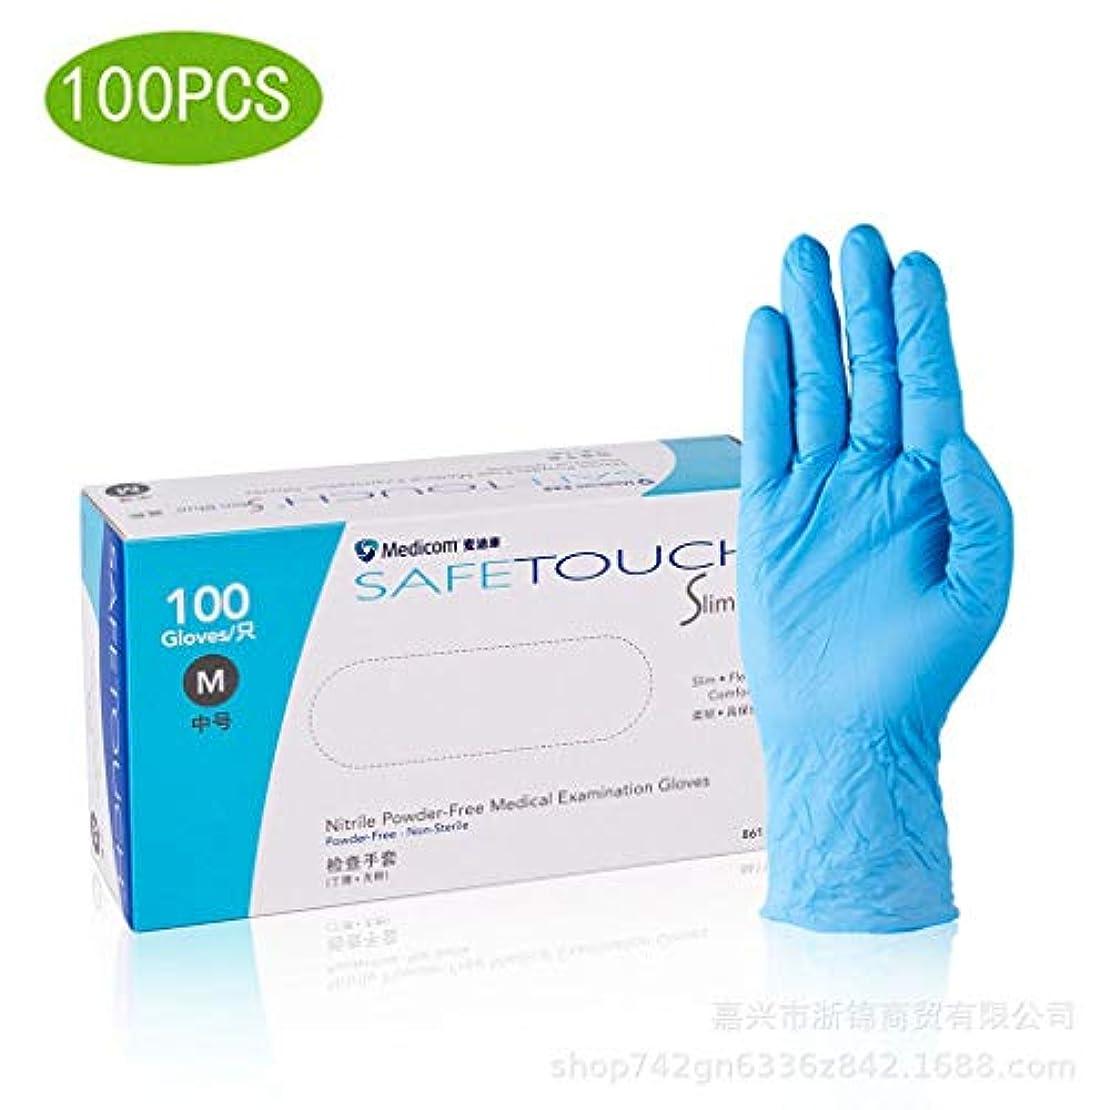 接ぎ木むしろあなたのもの9インチ使い捨てニトリル手袋ブルー労働保険工業用食品家事グレードゴム手袋デューティ検査用手袋|100の病院ボックスのプロフェッショナルグレード (Size : XS)